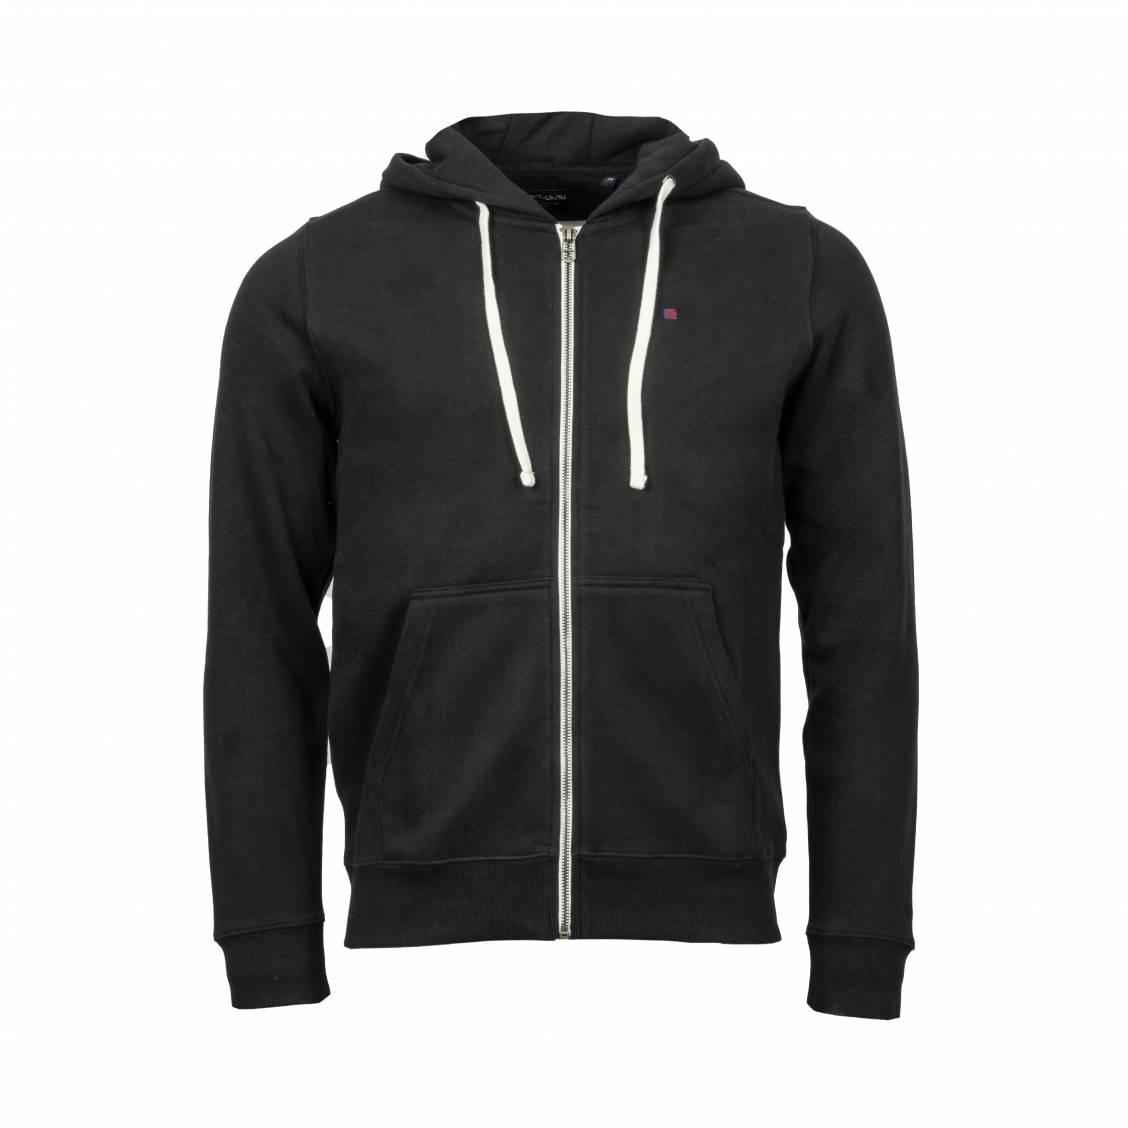 Sweat zippé à capuche Teddy Smith Gelly en coton mélangé noir | Rue Des Hommes